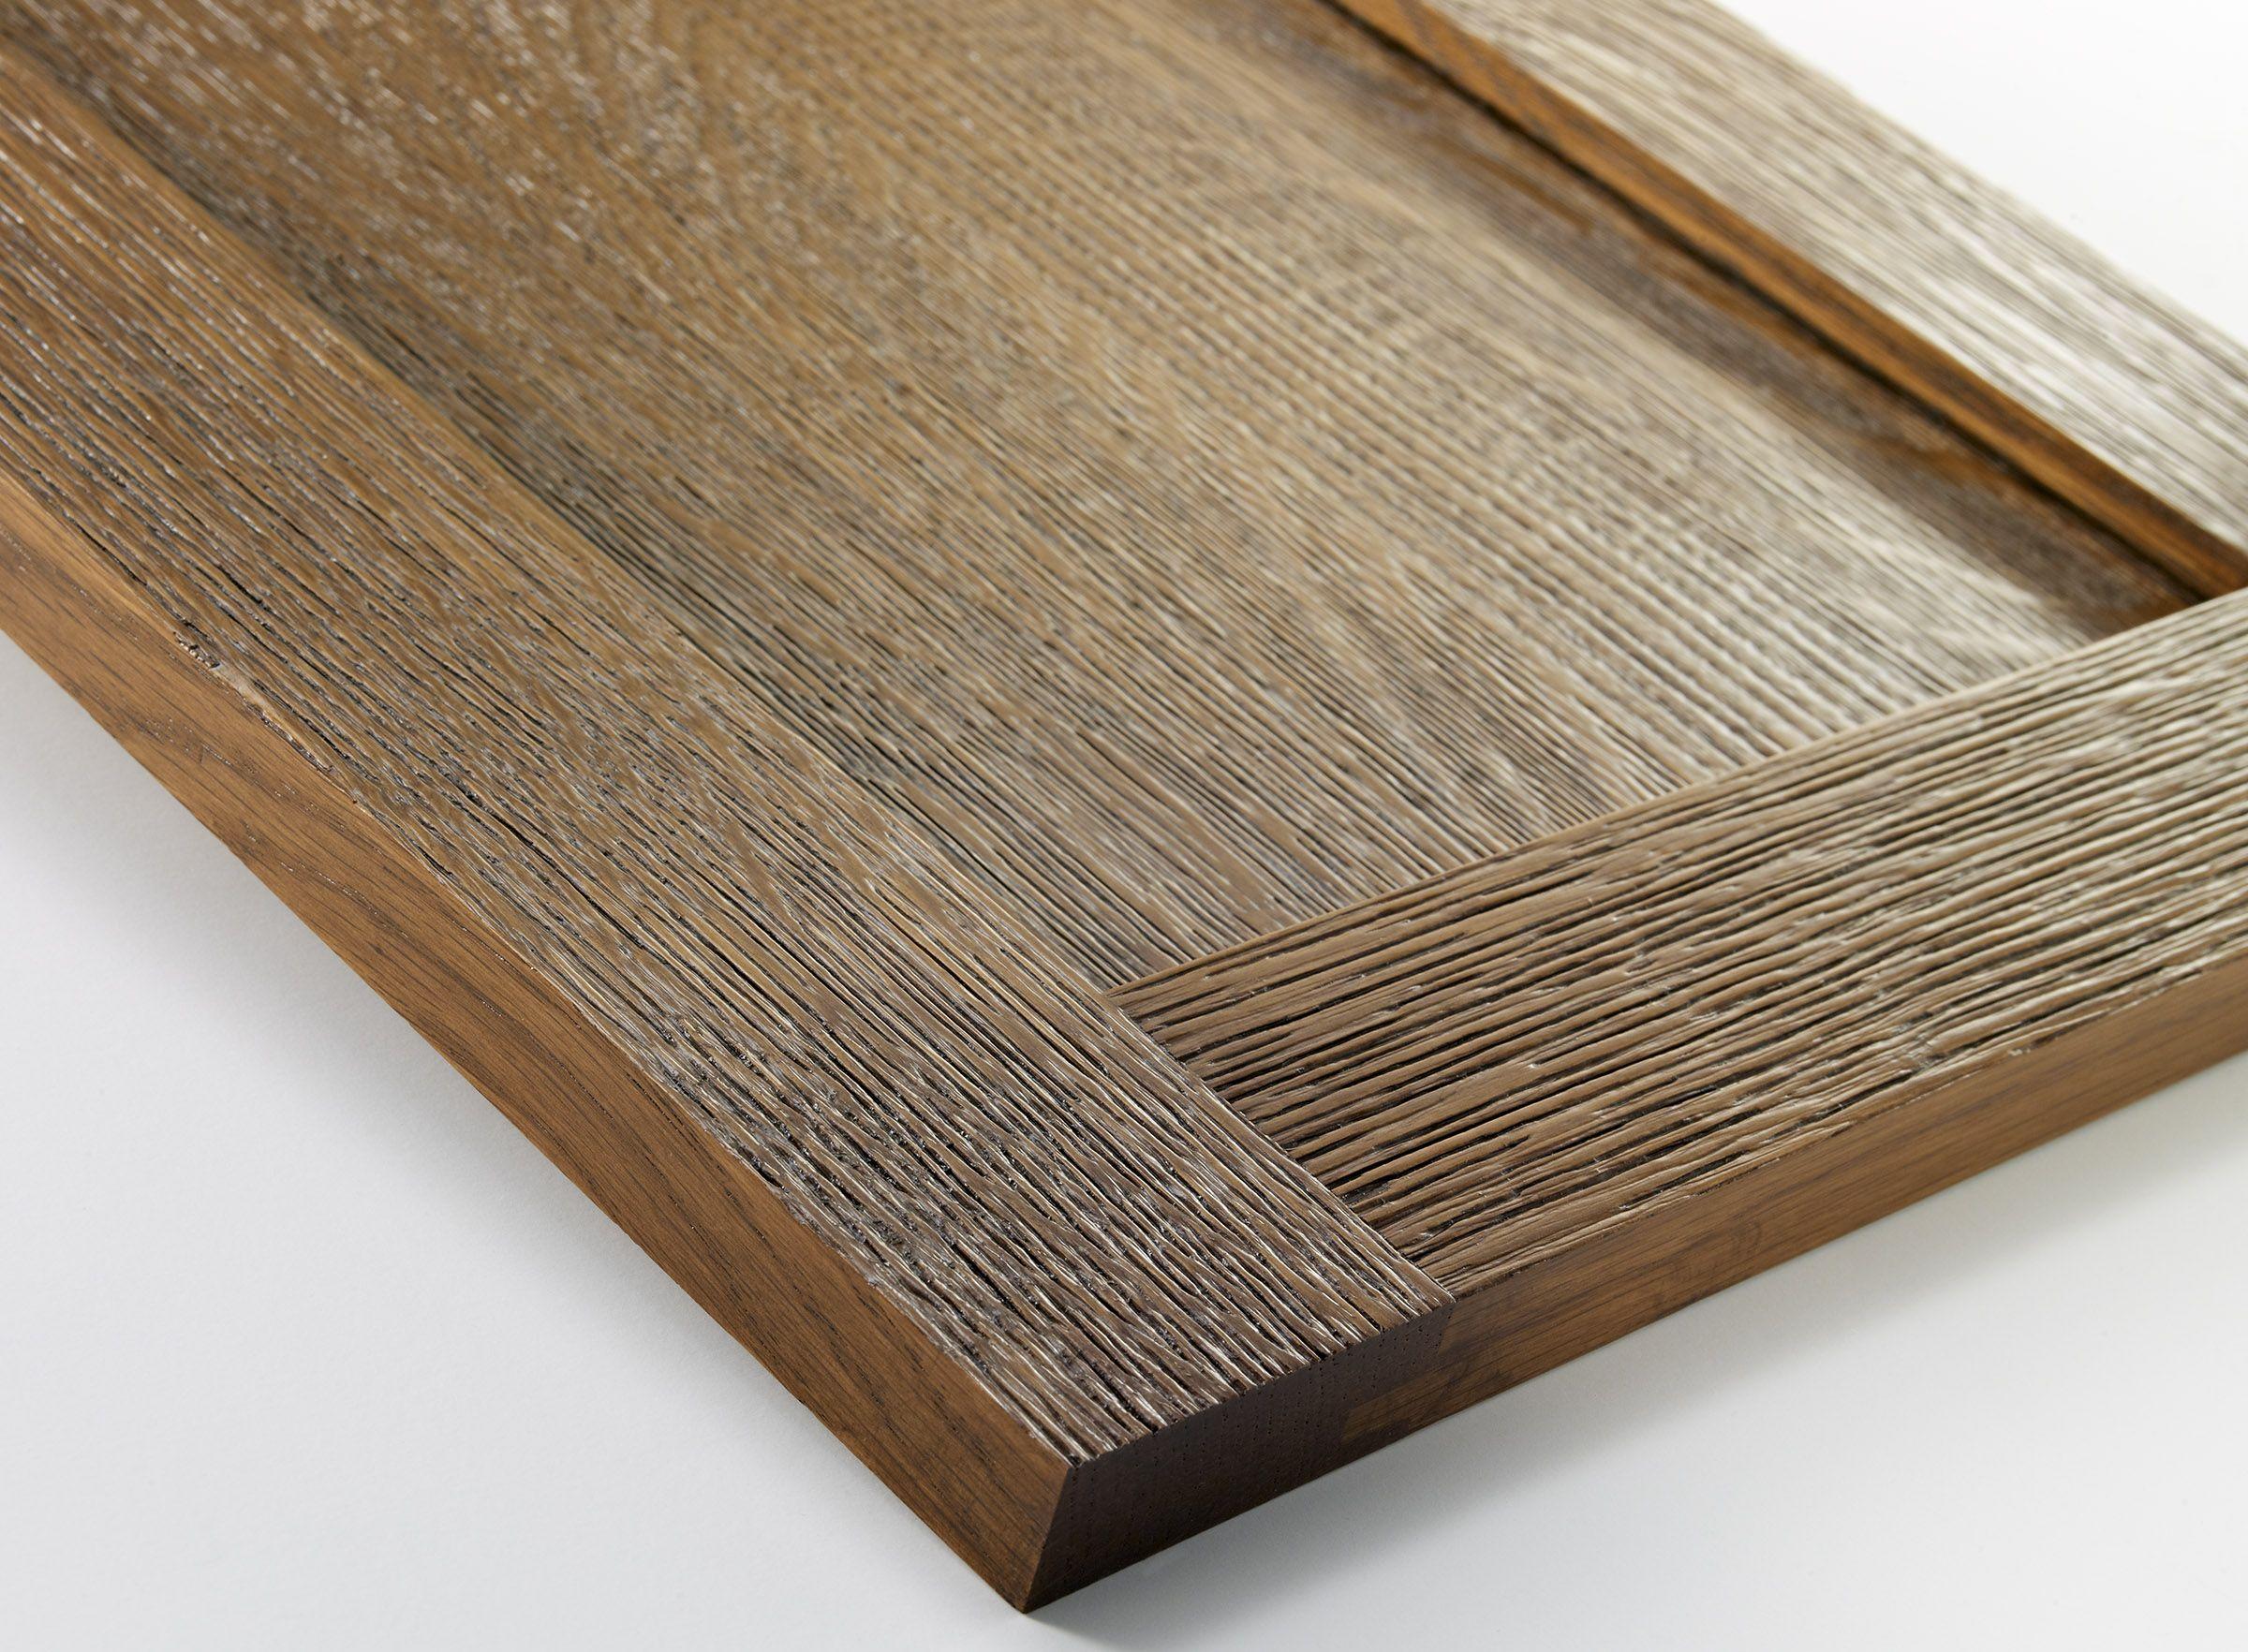 Conestoga Wood Specialties Weathered Grain Door Finished In Autumn Weathered Conestoga Kitchen Design